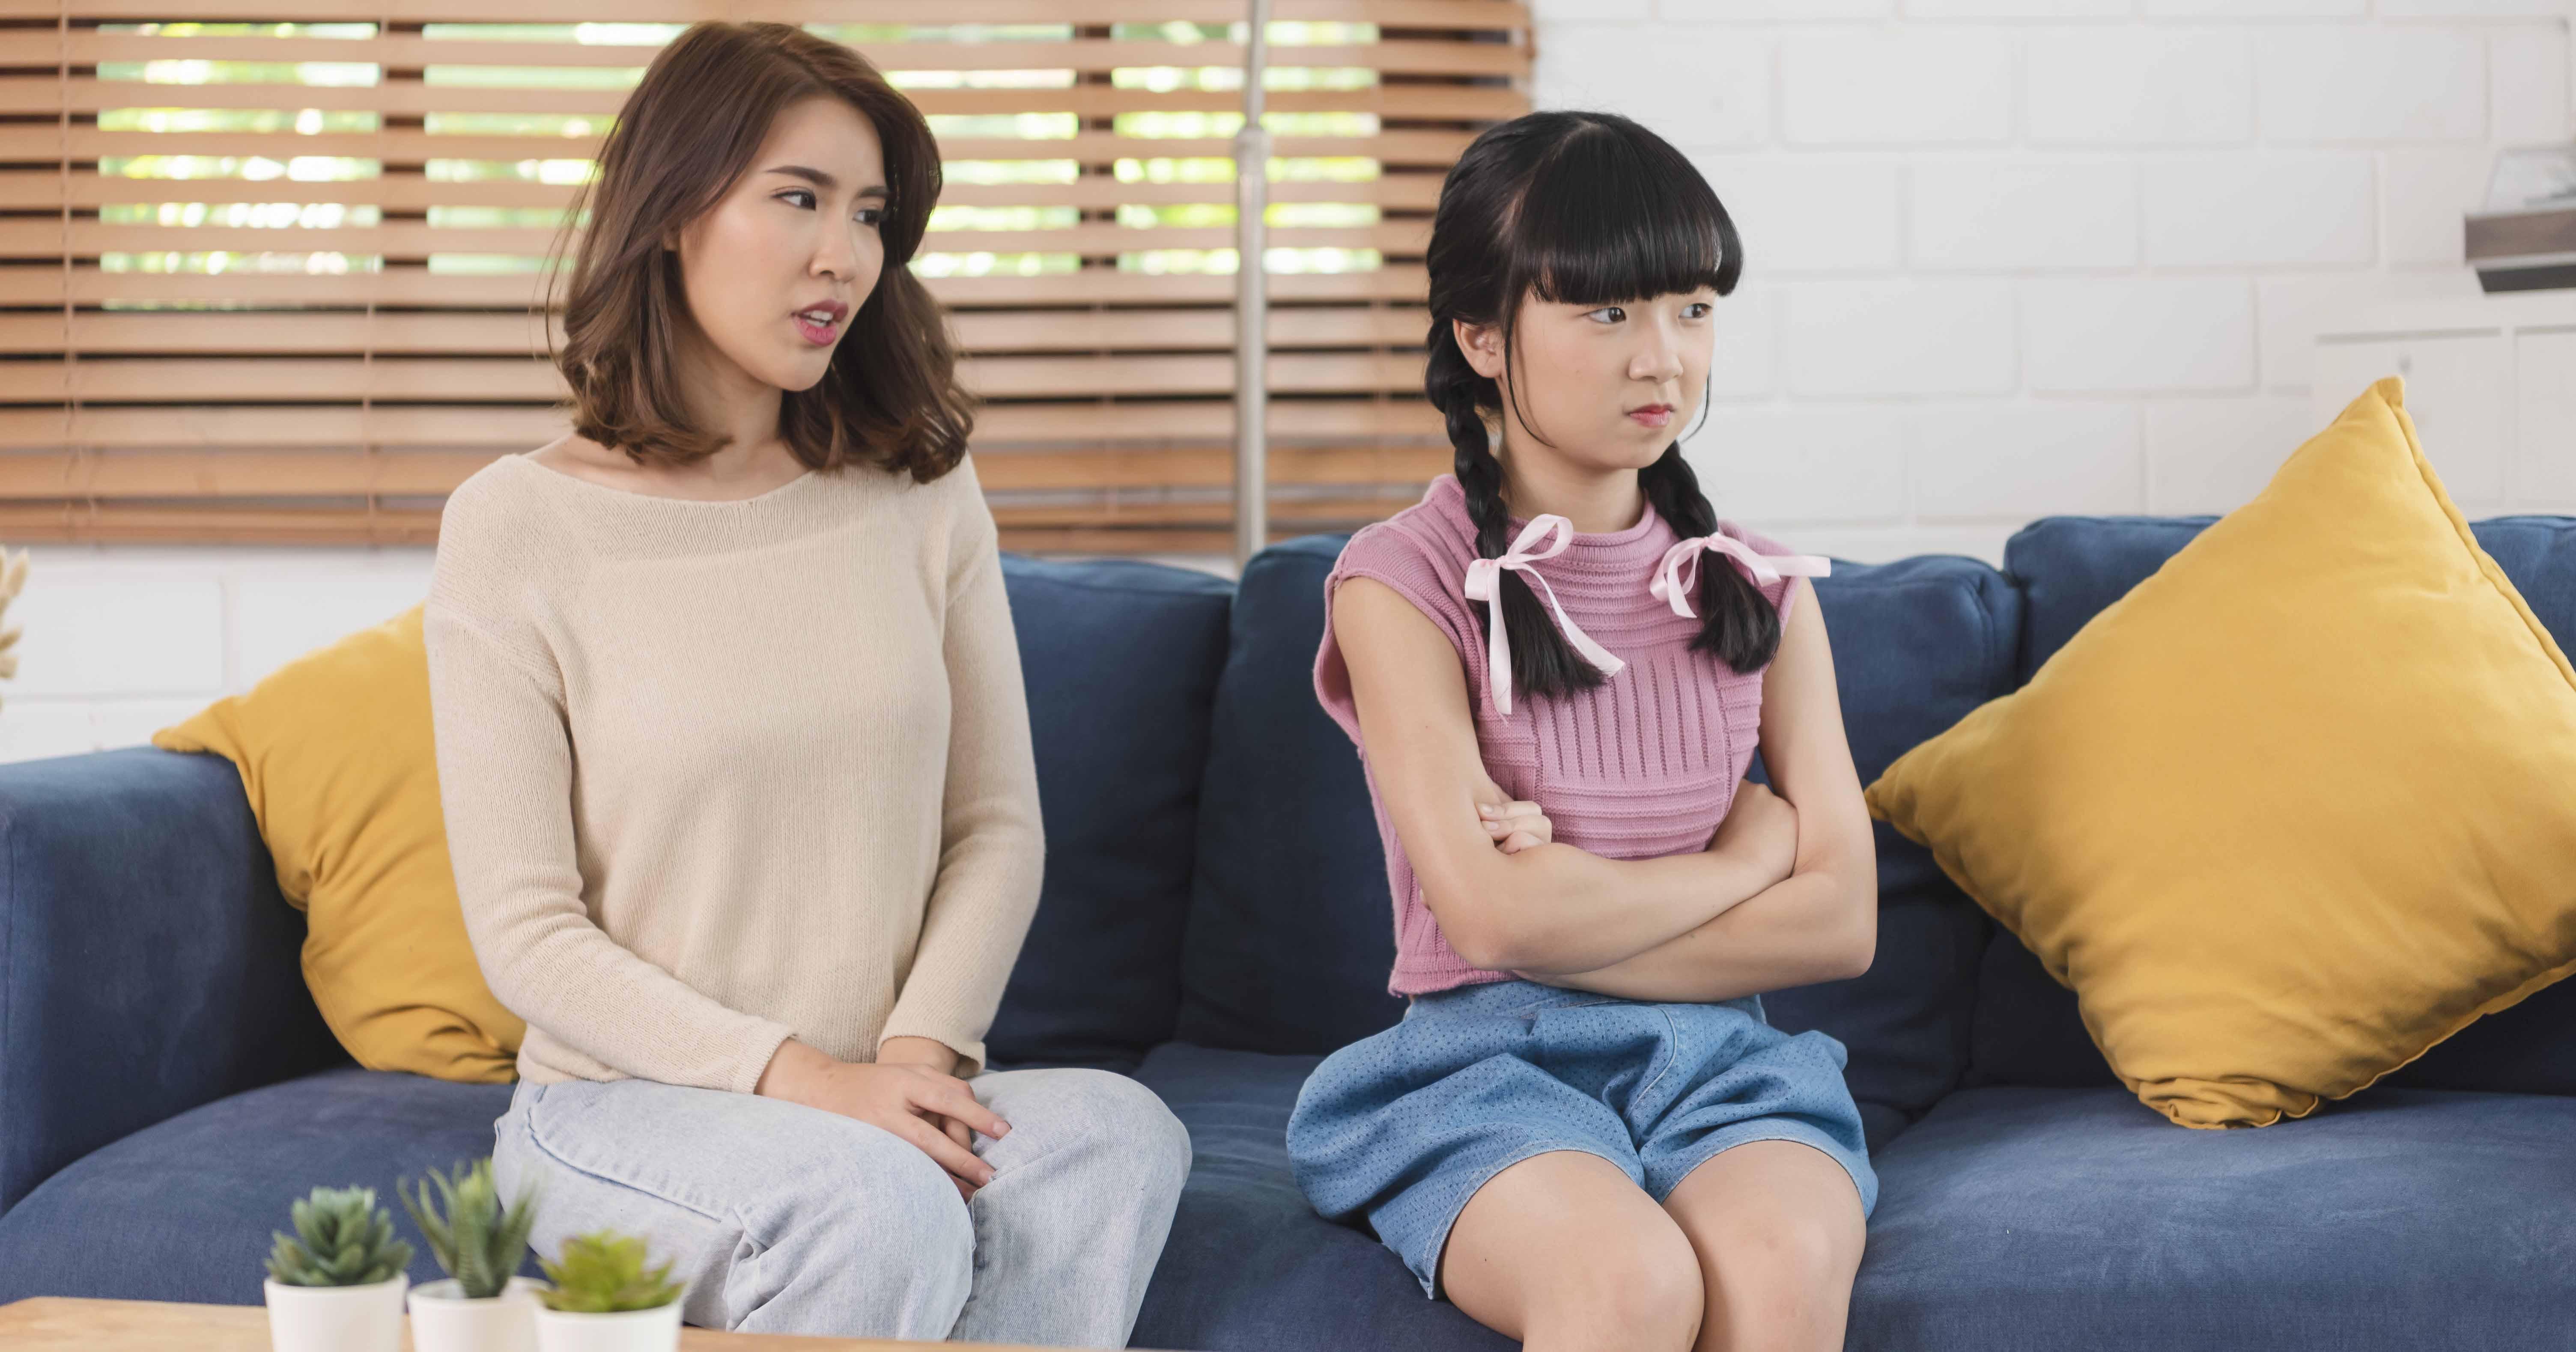 2. Penting juga menunggu anak agar tenang